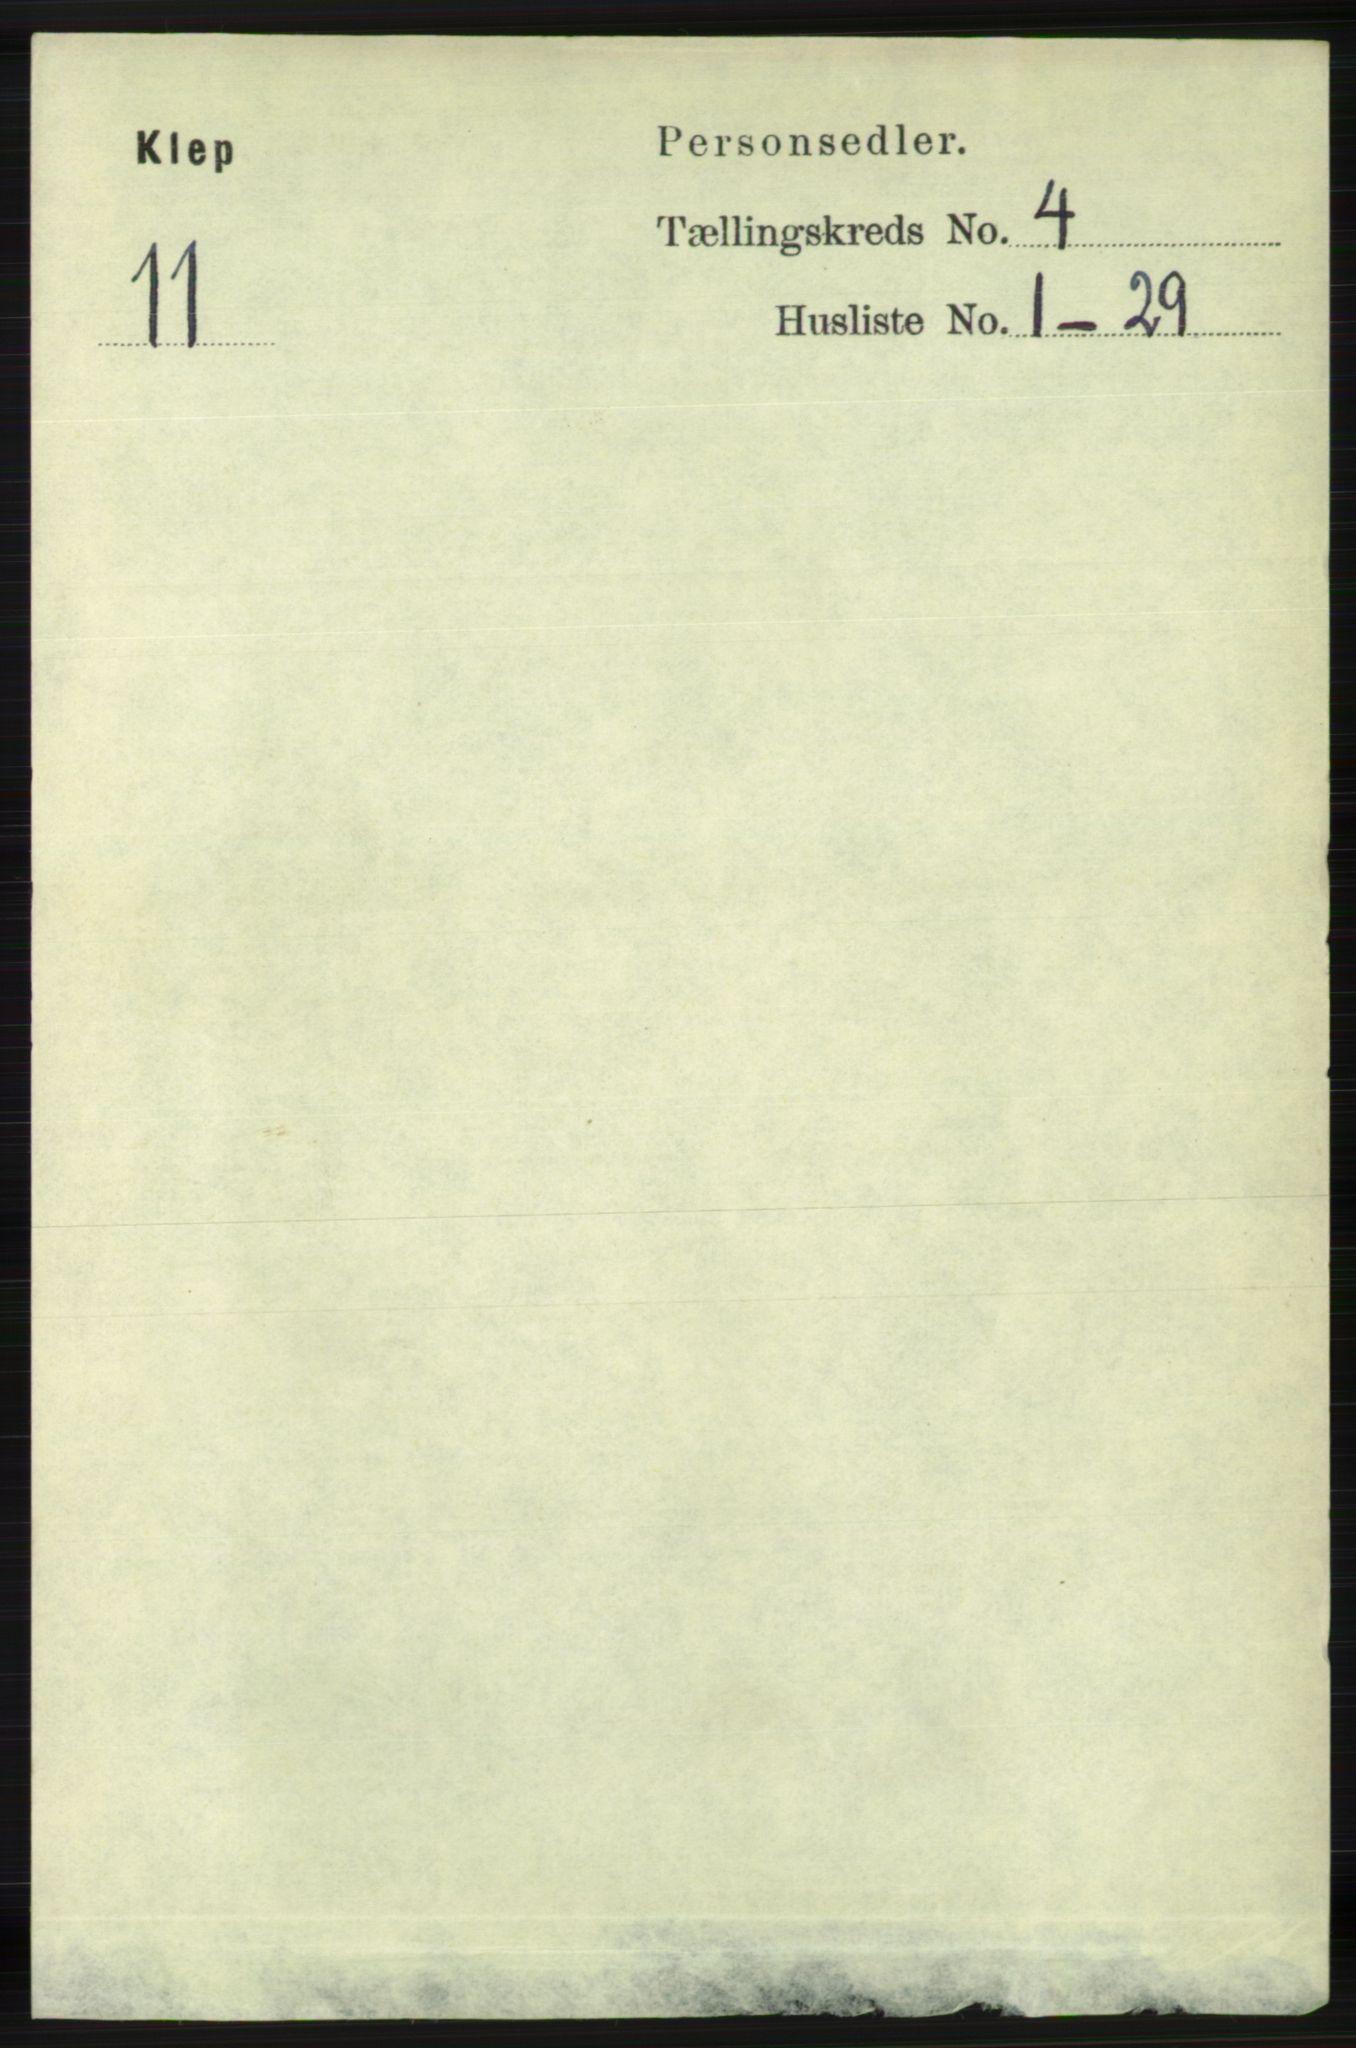 RA, Folketelling 1891 for 1120 Klepp herred, 1891, s. 948